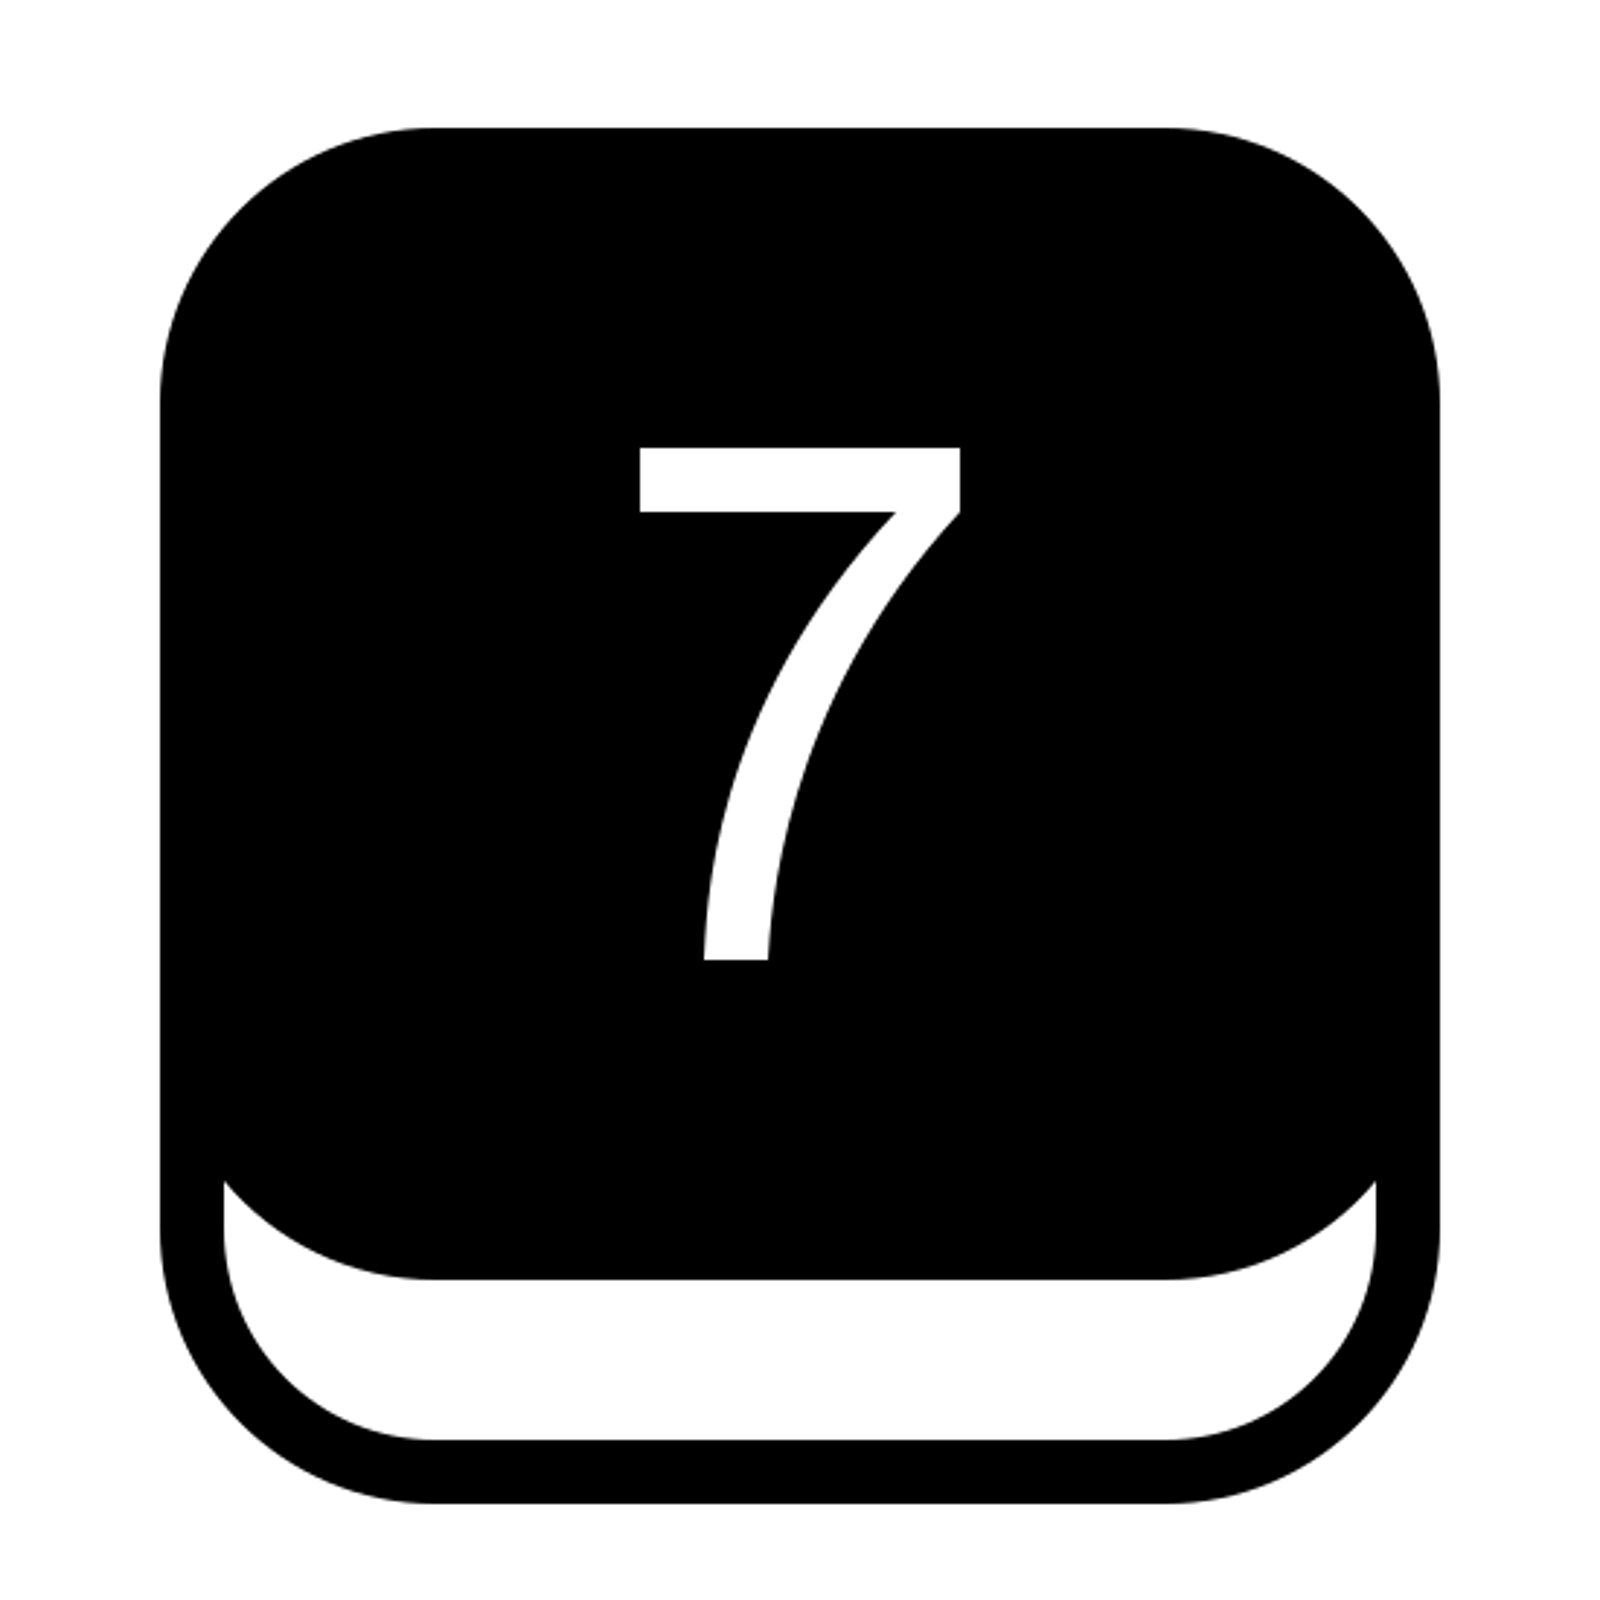 7 Klucz icon